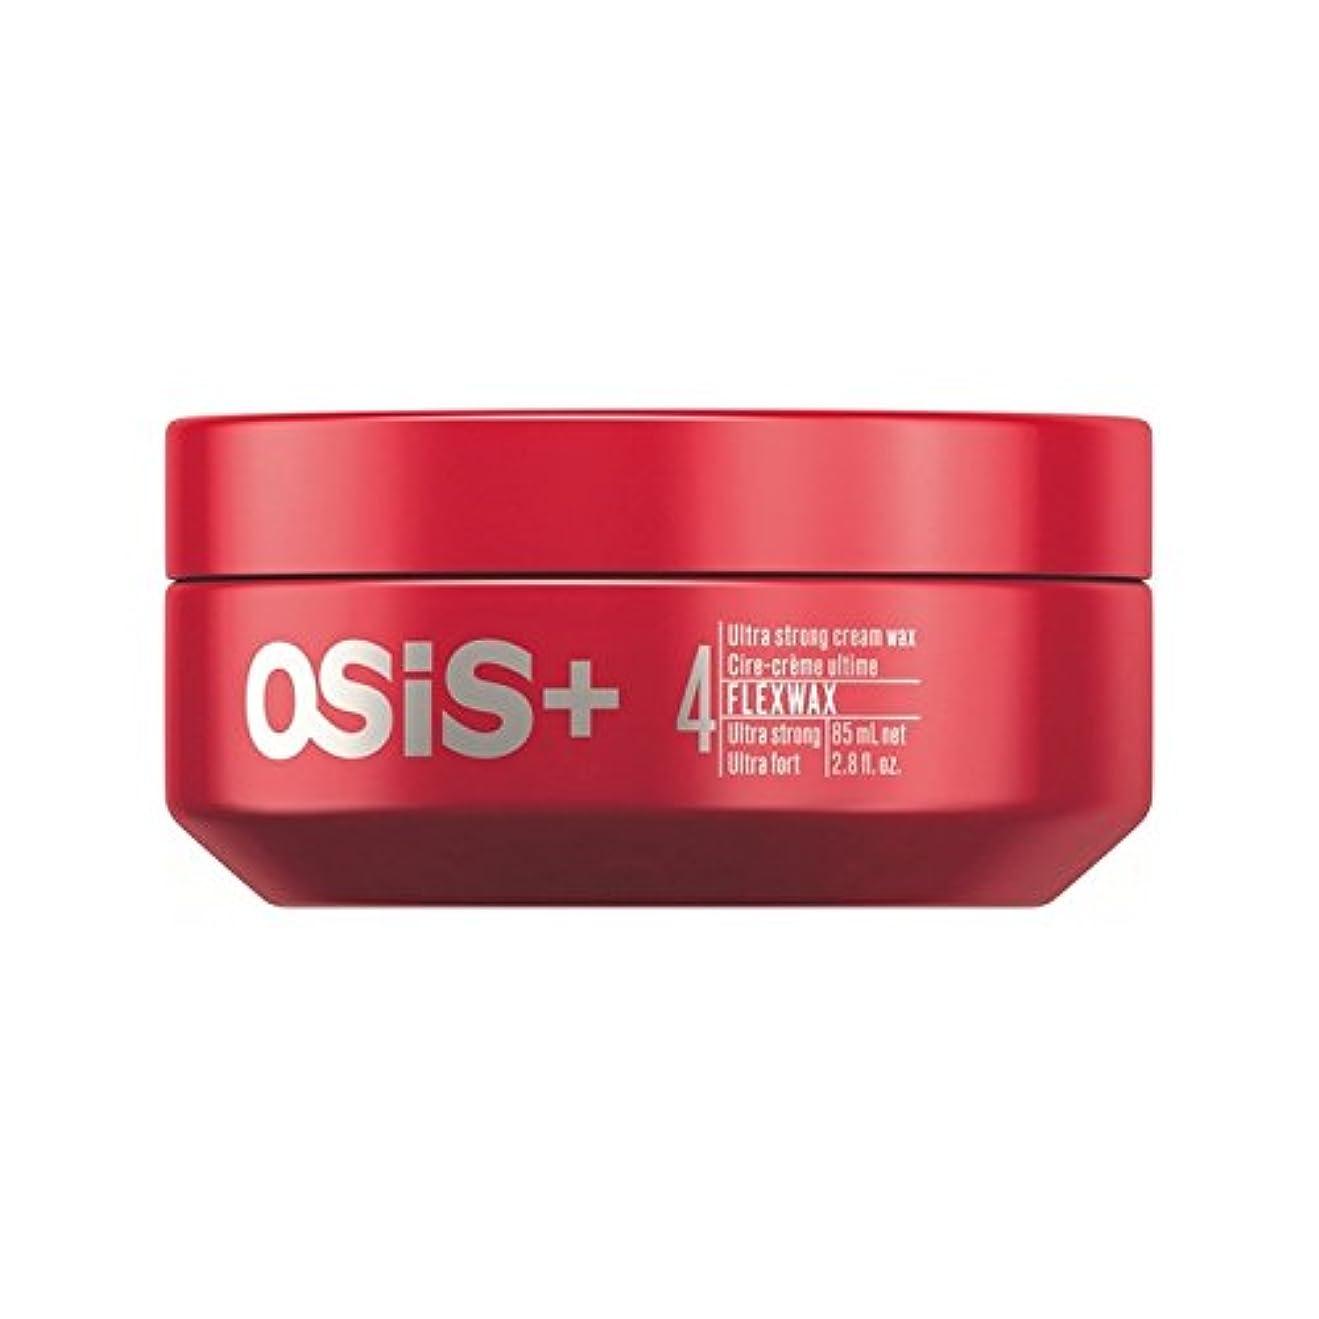 トラフ低下ステープルSchwarzkopf Osis Flexwax Ultra Strong Cream Wax (85ml) - シュワルツコフ 超強力なクリームワックス(85ミリリットル) [並行輸入品]